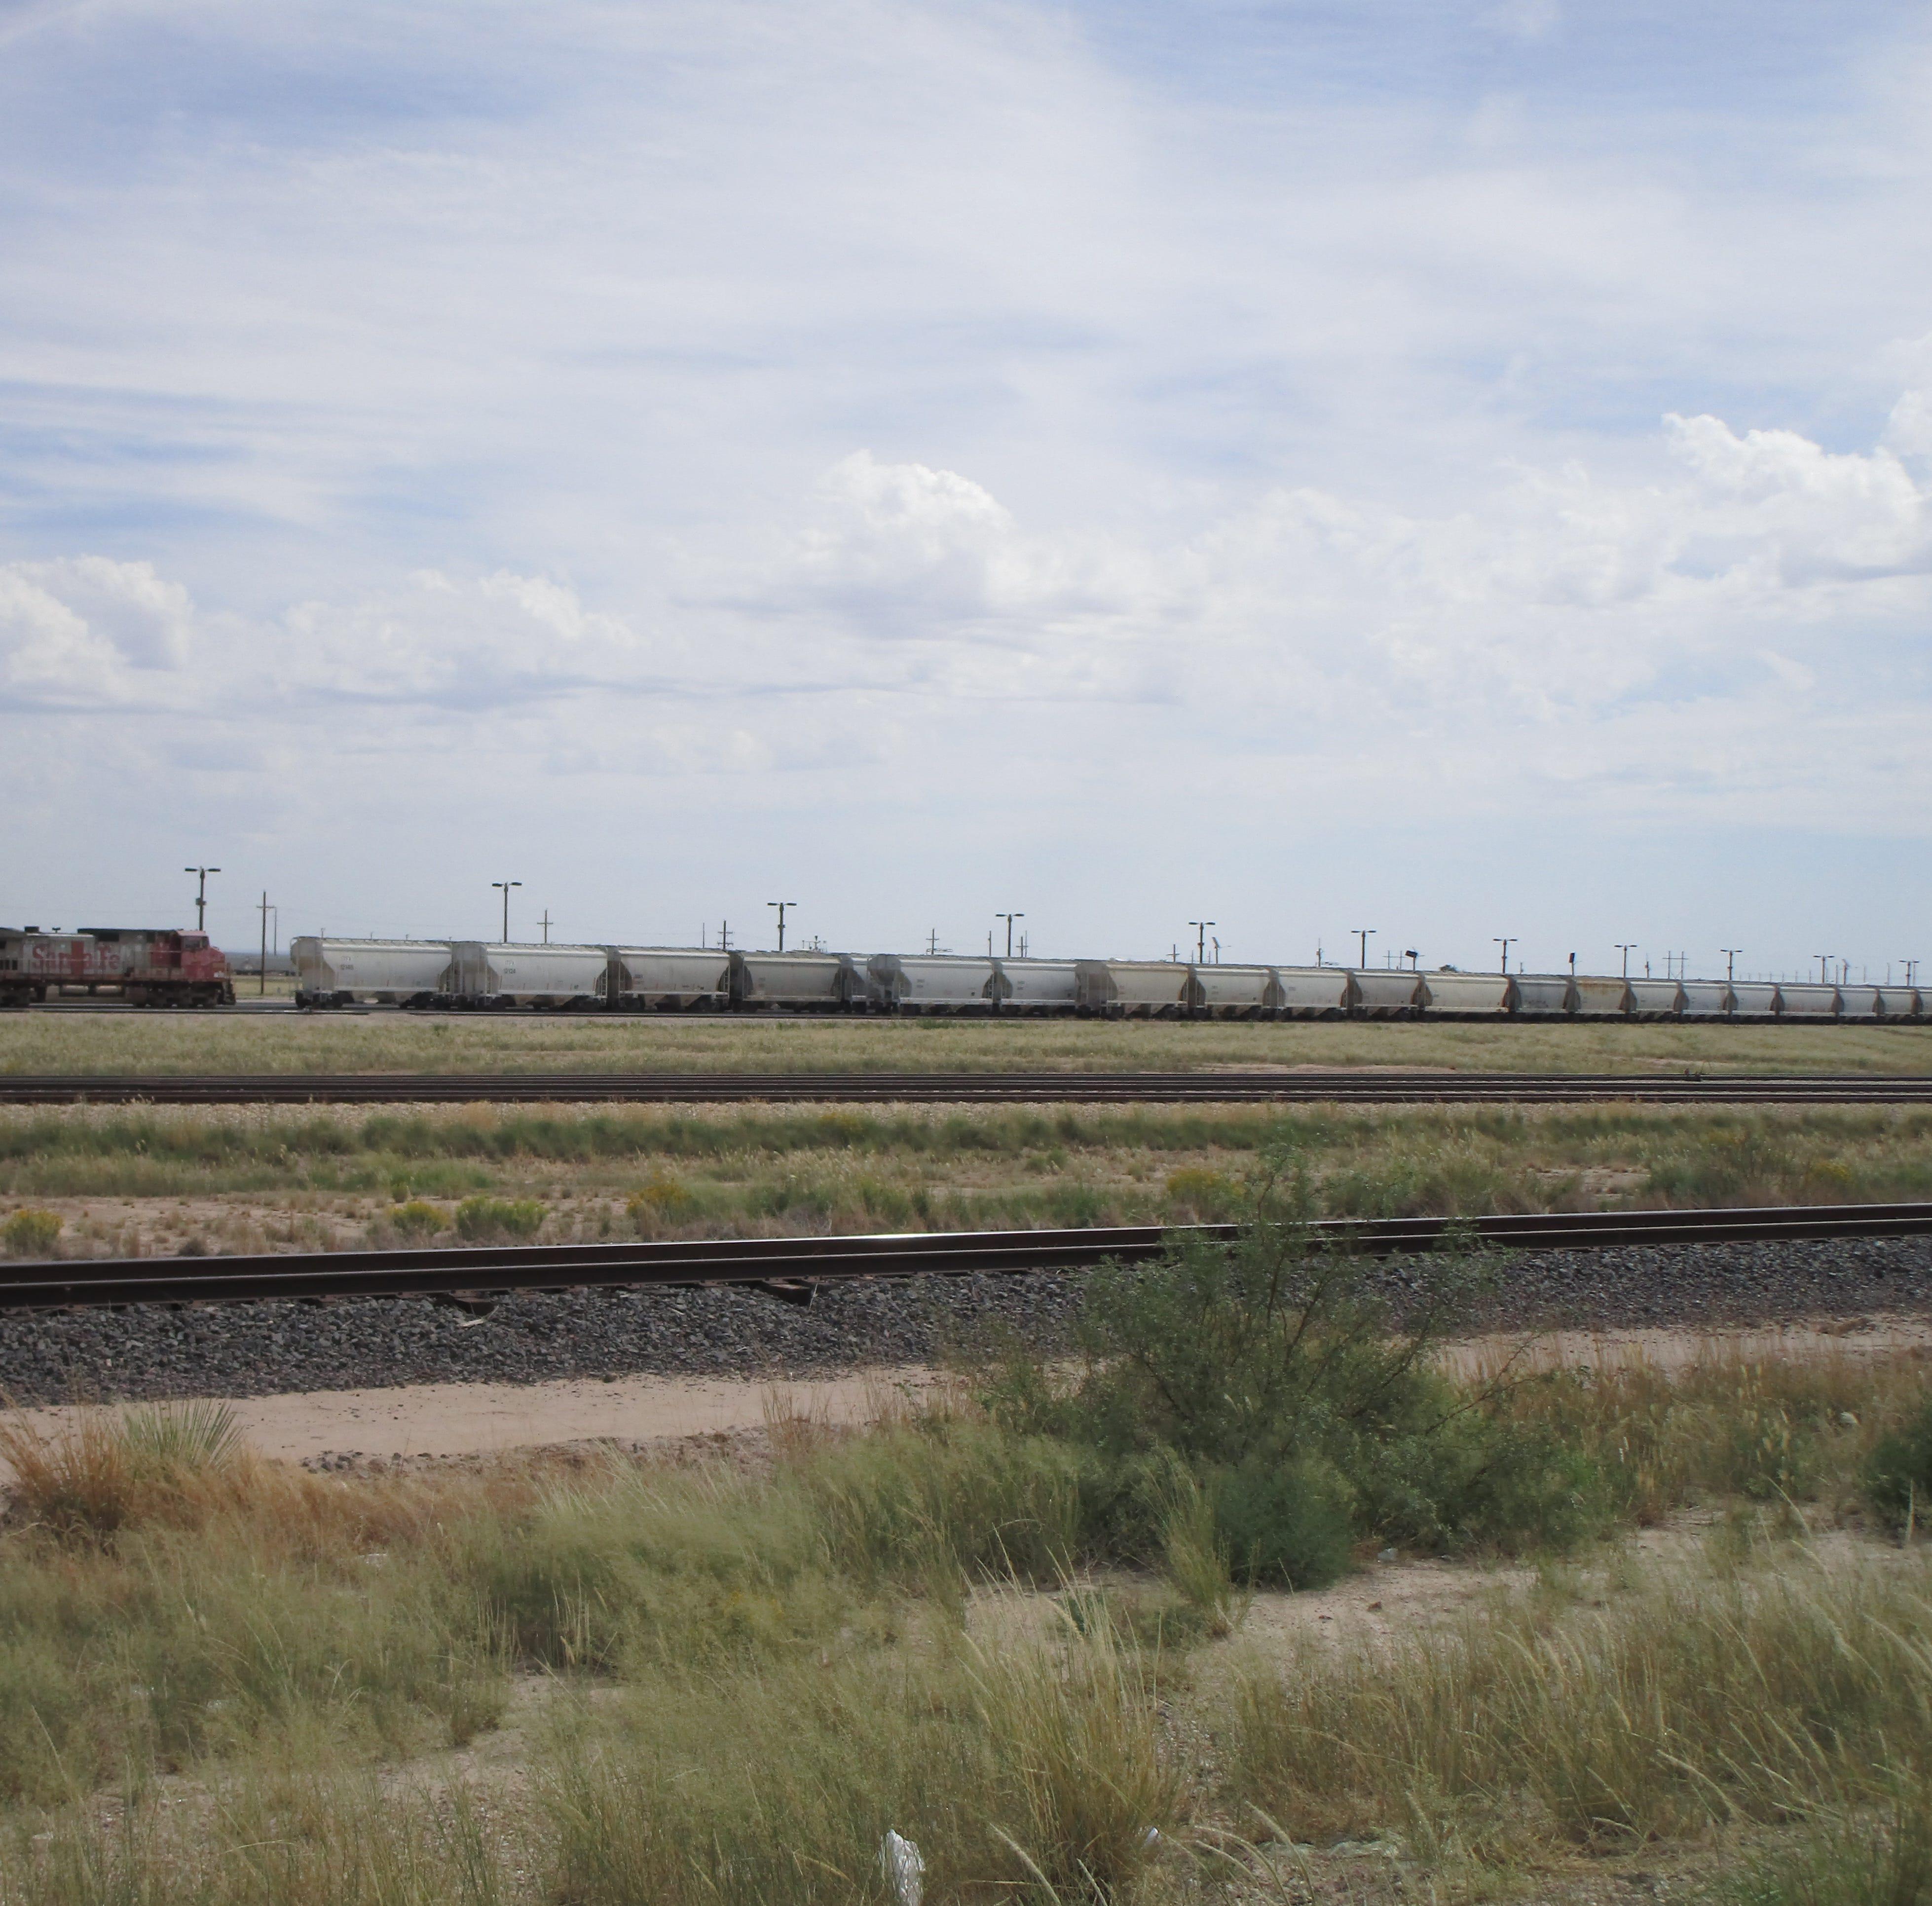 US Highway 285